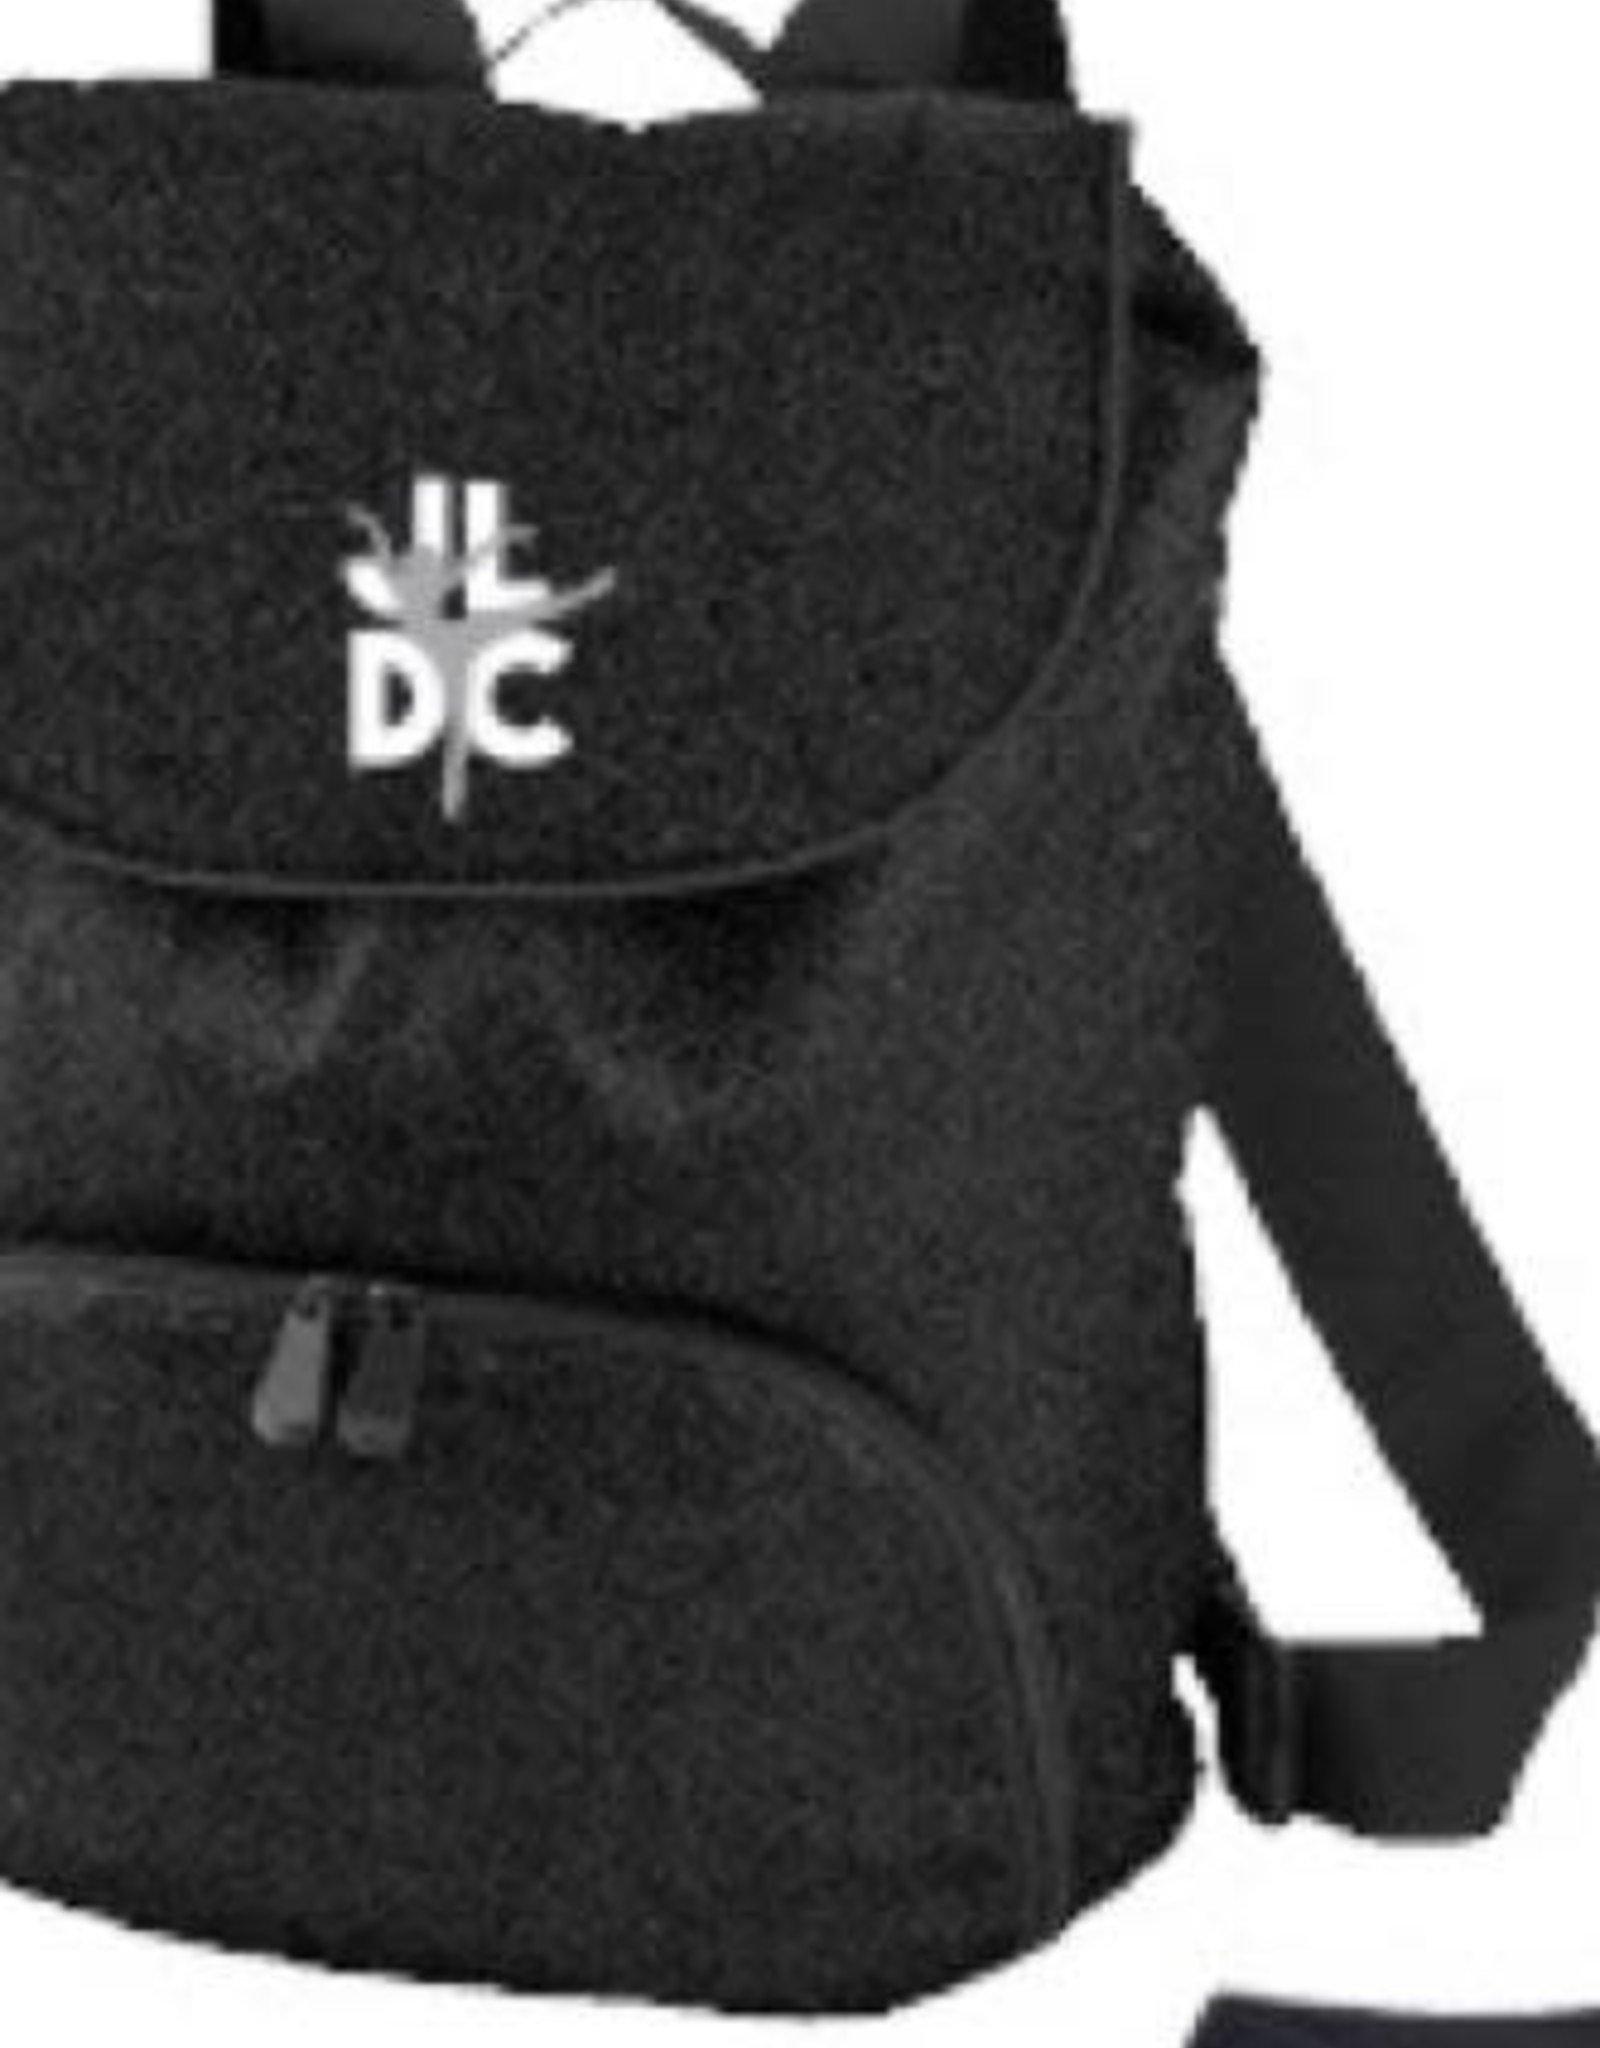 JLDC Custom Glitter Backpack